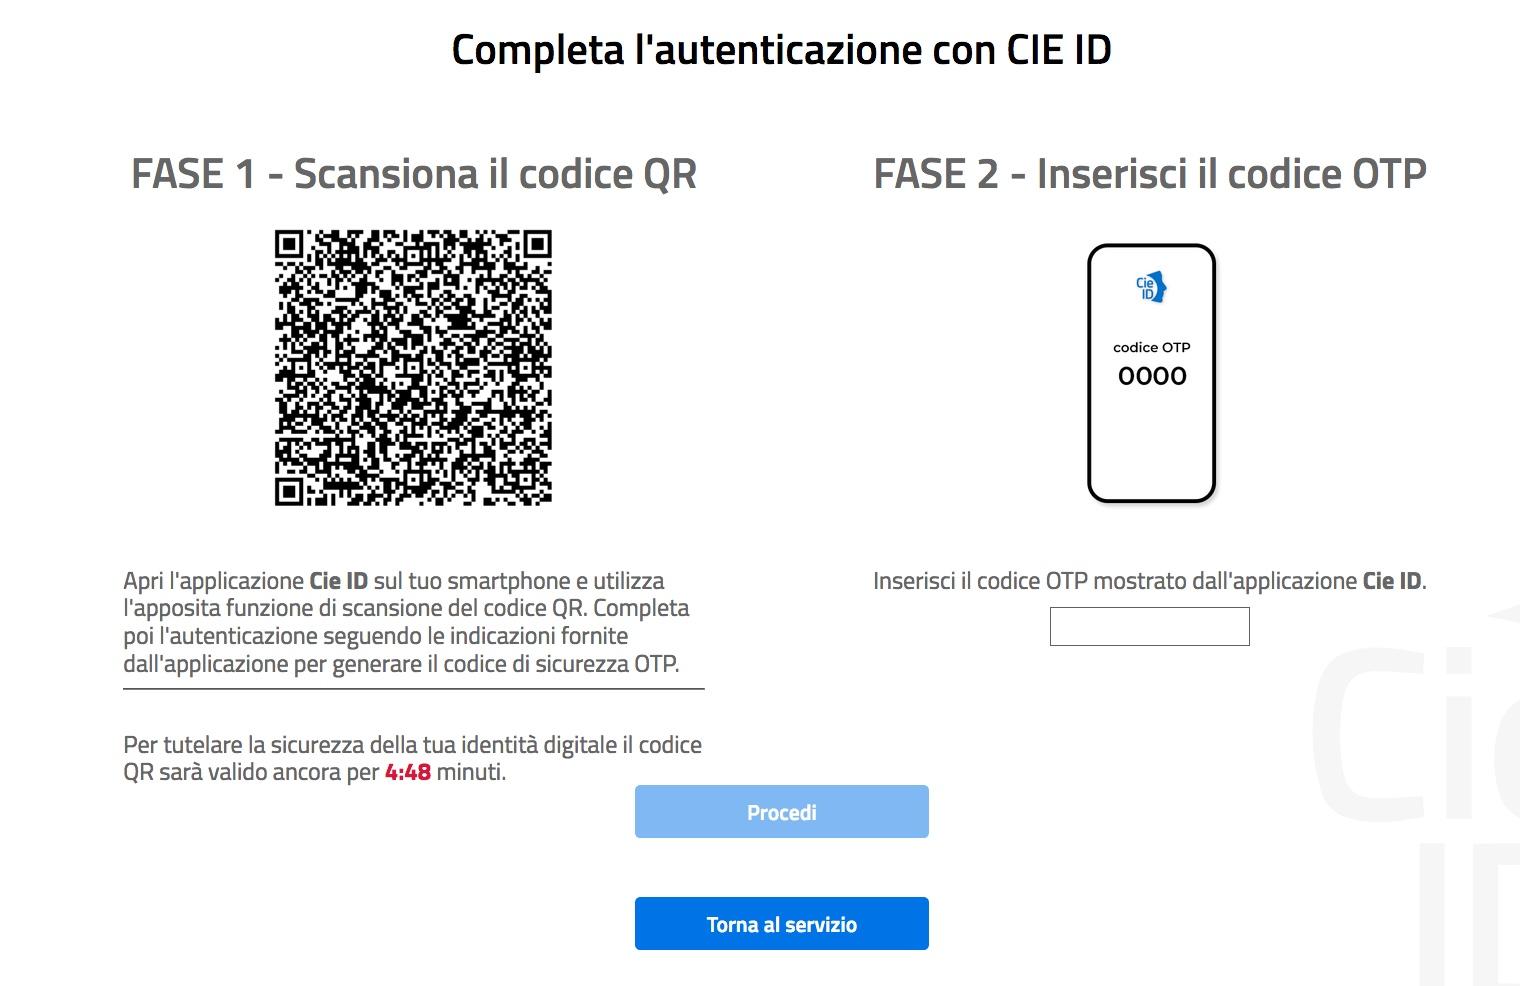 Schermata completa autenticazione con CIE ID